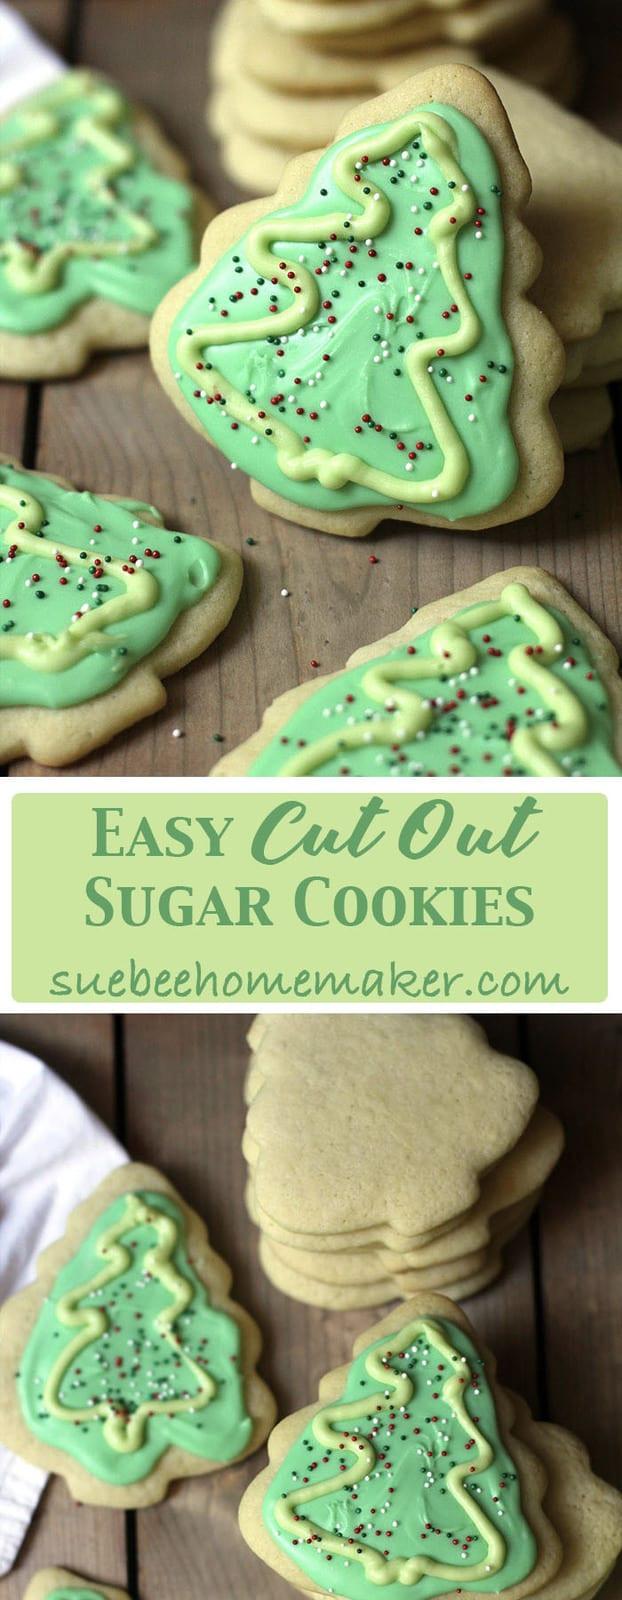 Quick Easy Sugar Cookies  Easy Cut Out Sugar Cookies SueBee Homemaker